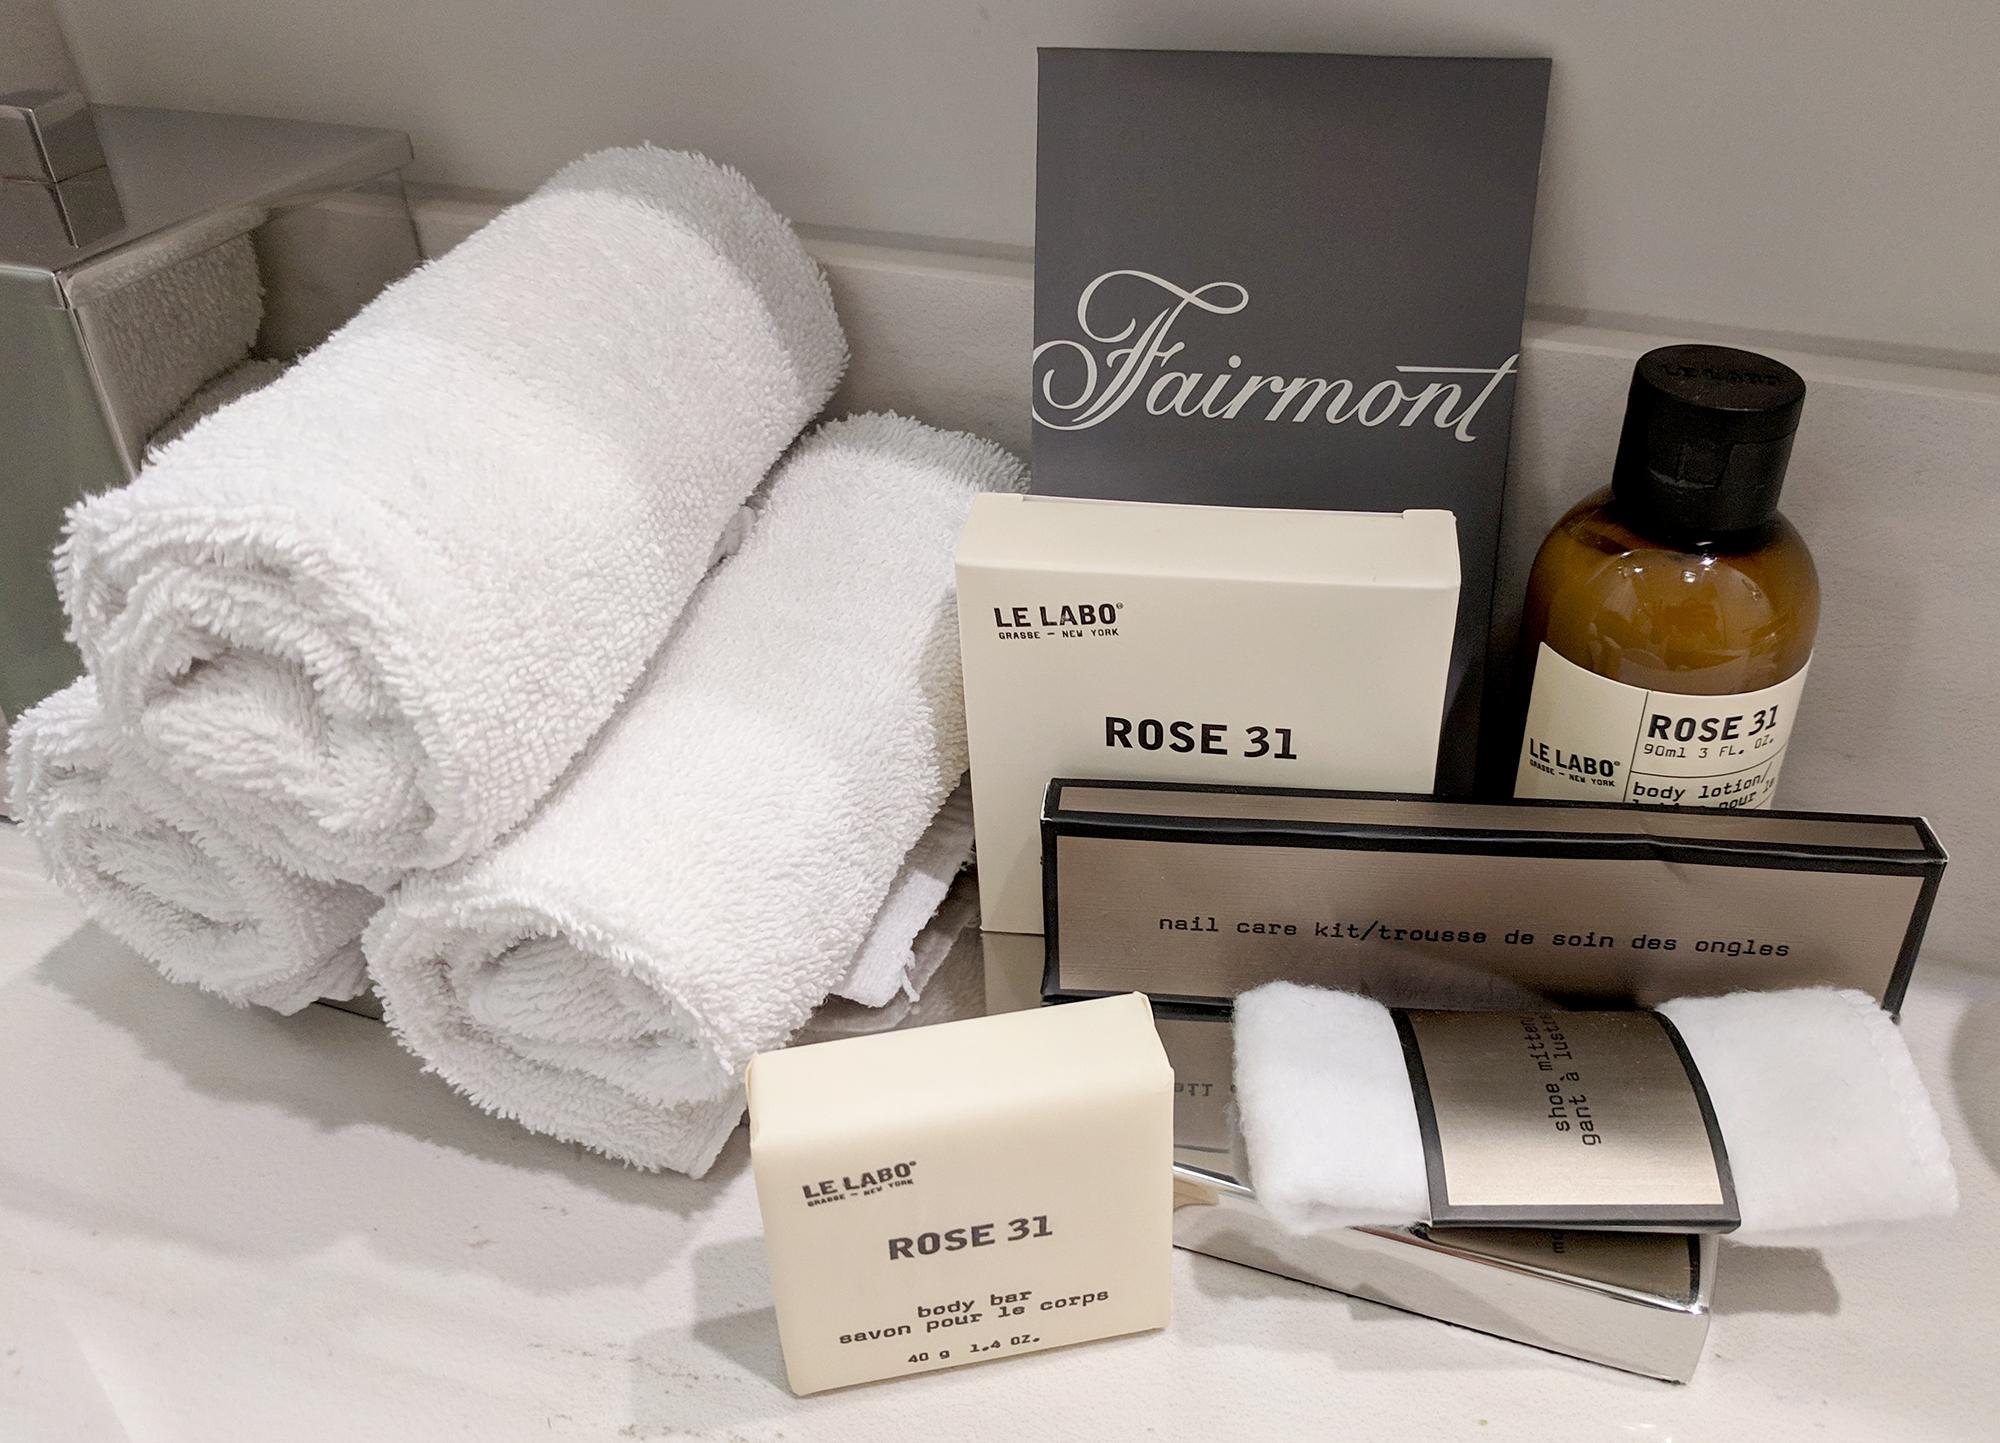 Fairmont Empress Le Labo products